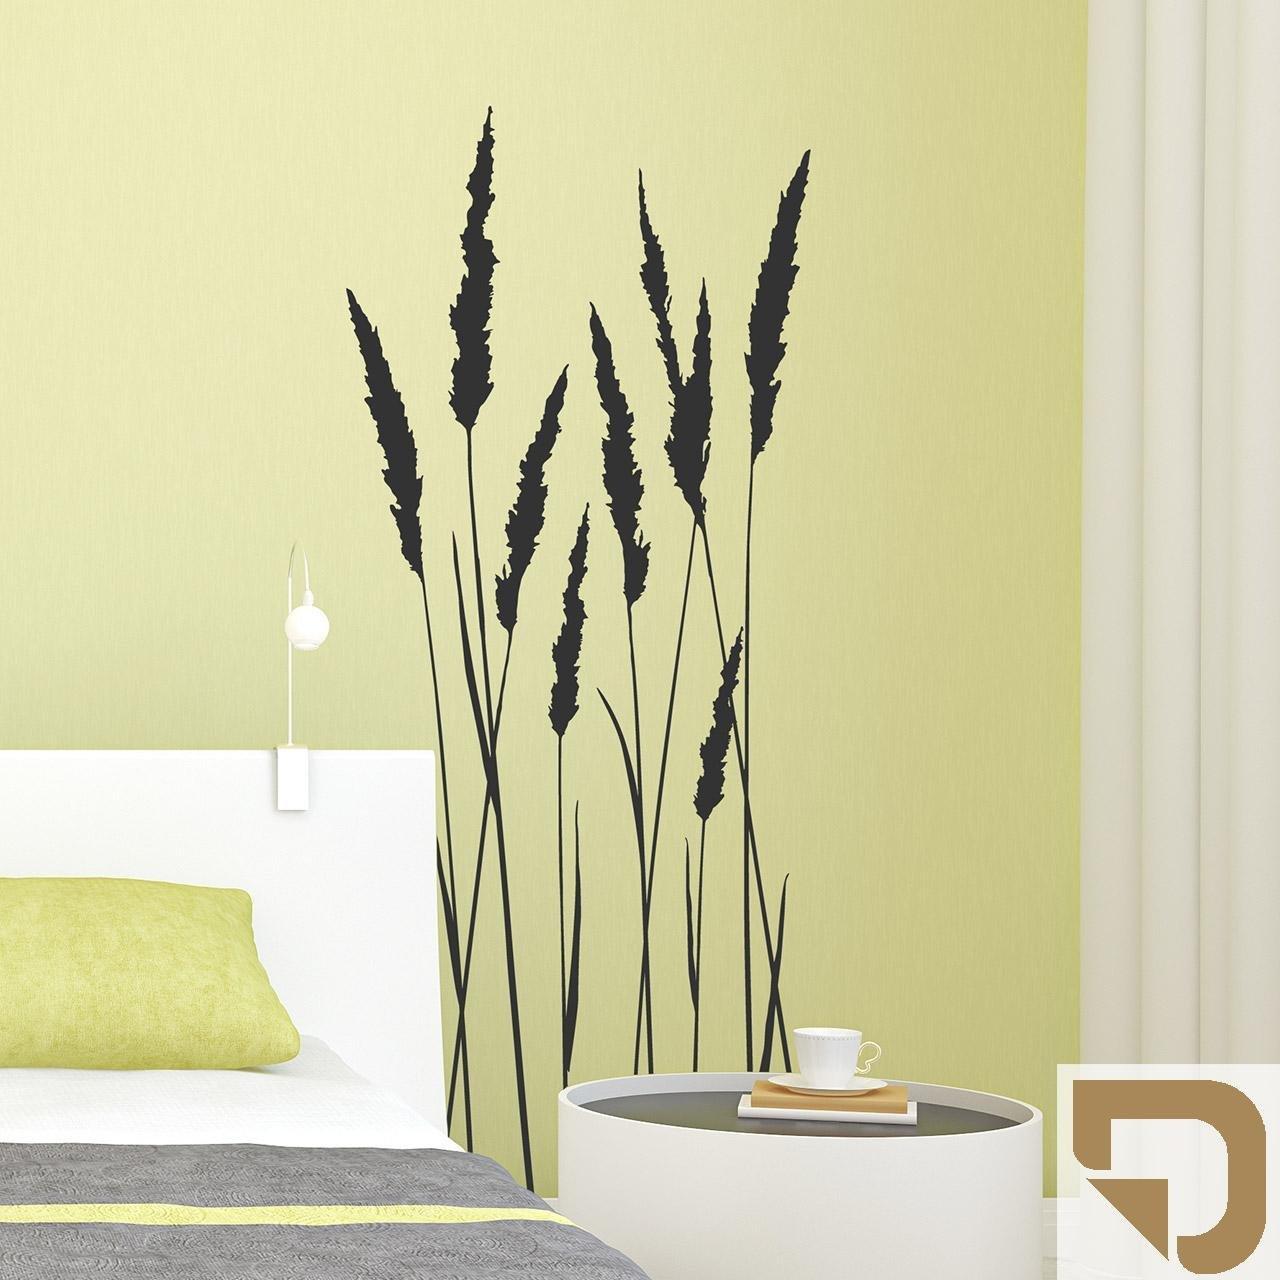 Unglaublich Wandtattoo Gräser Beste Wahl Designscape® Grashalme - Dekorative Gräser 51 X